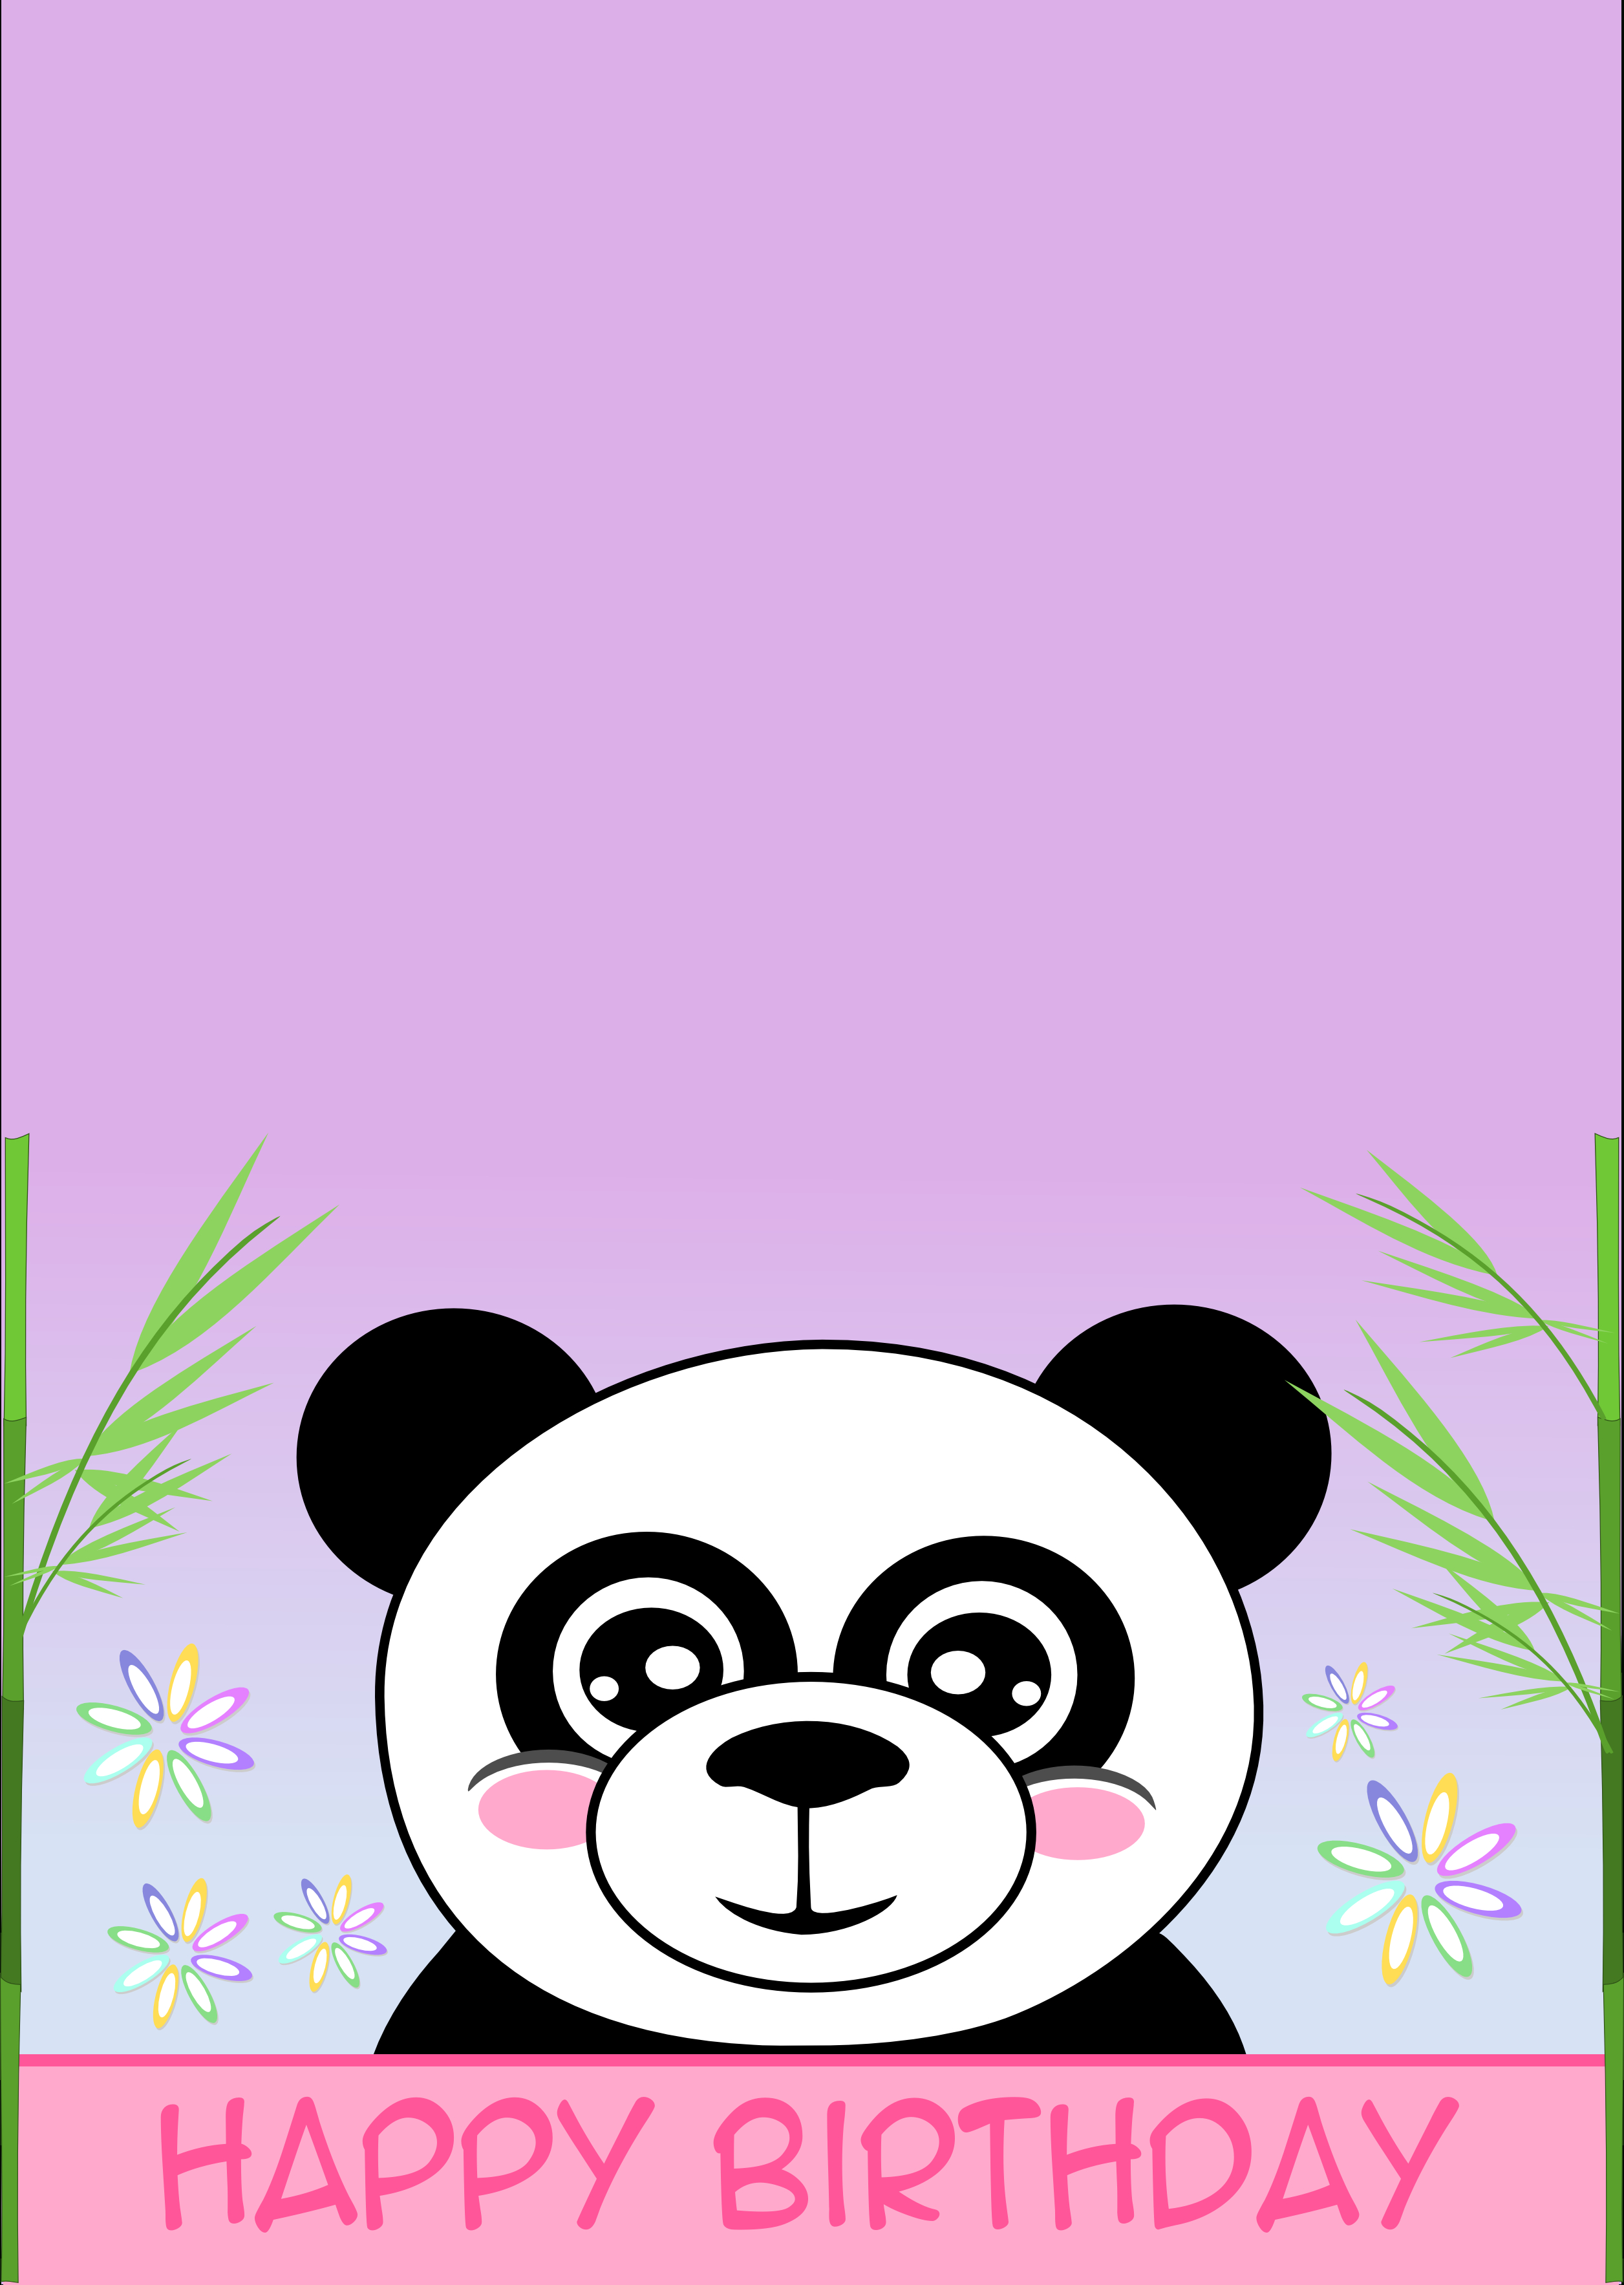 Printable Cards | Birthday | Free Printable Birthday Cards, Panda - Panda Bear Invitations Free Printable